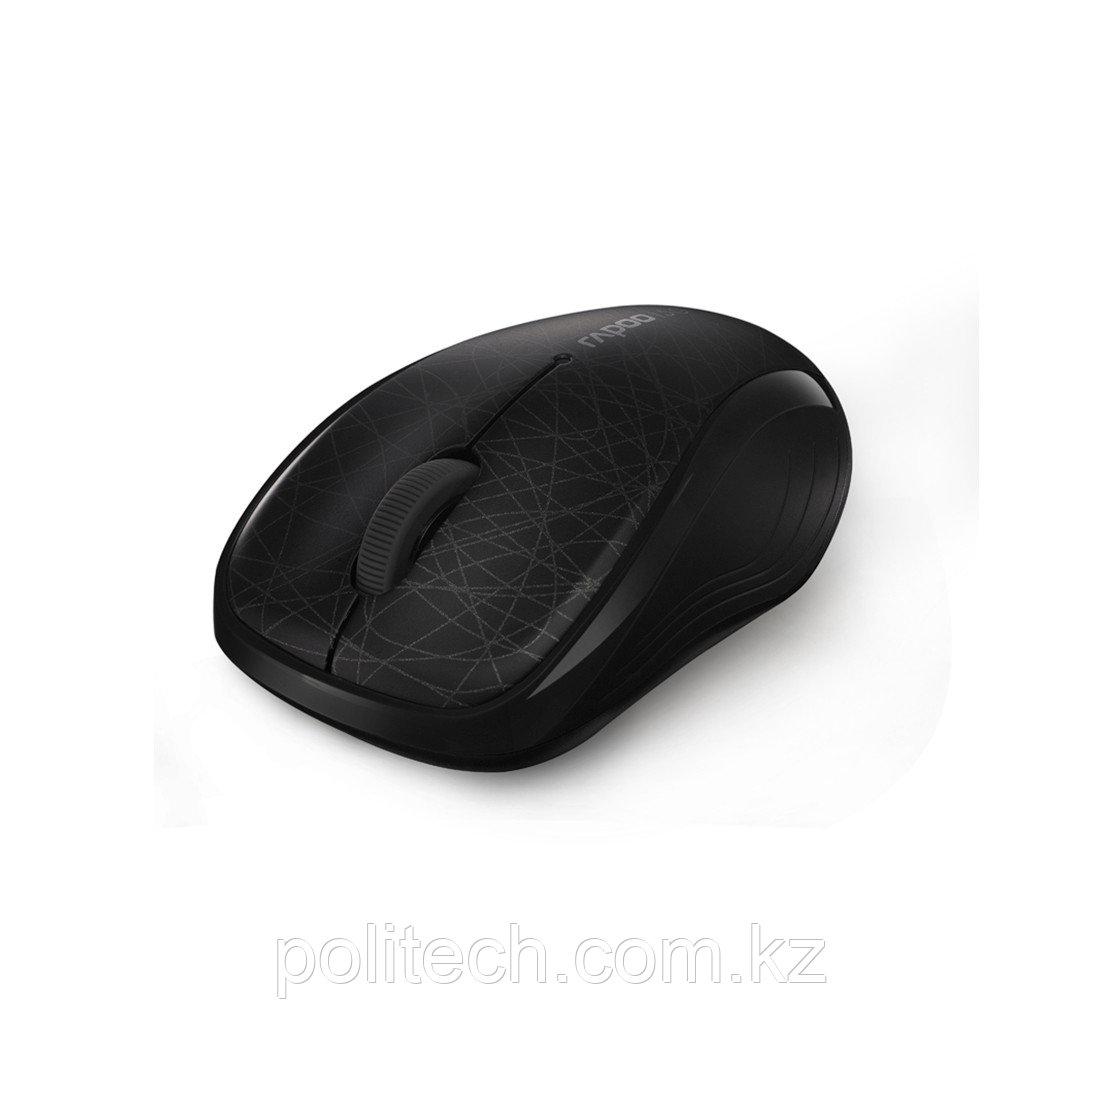 Компьютерная мышь Rapoo 3100p Чёрный